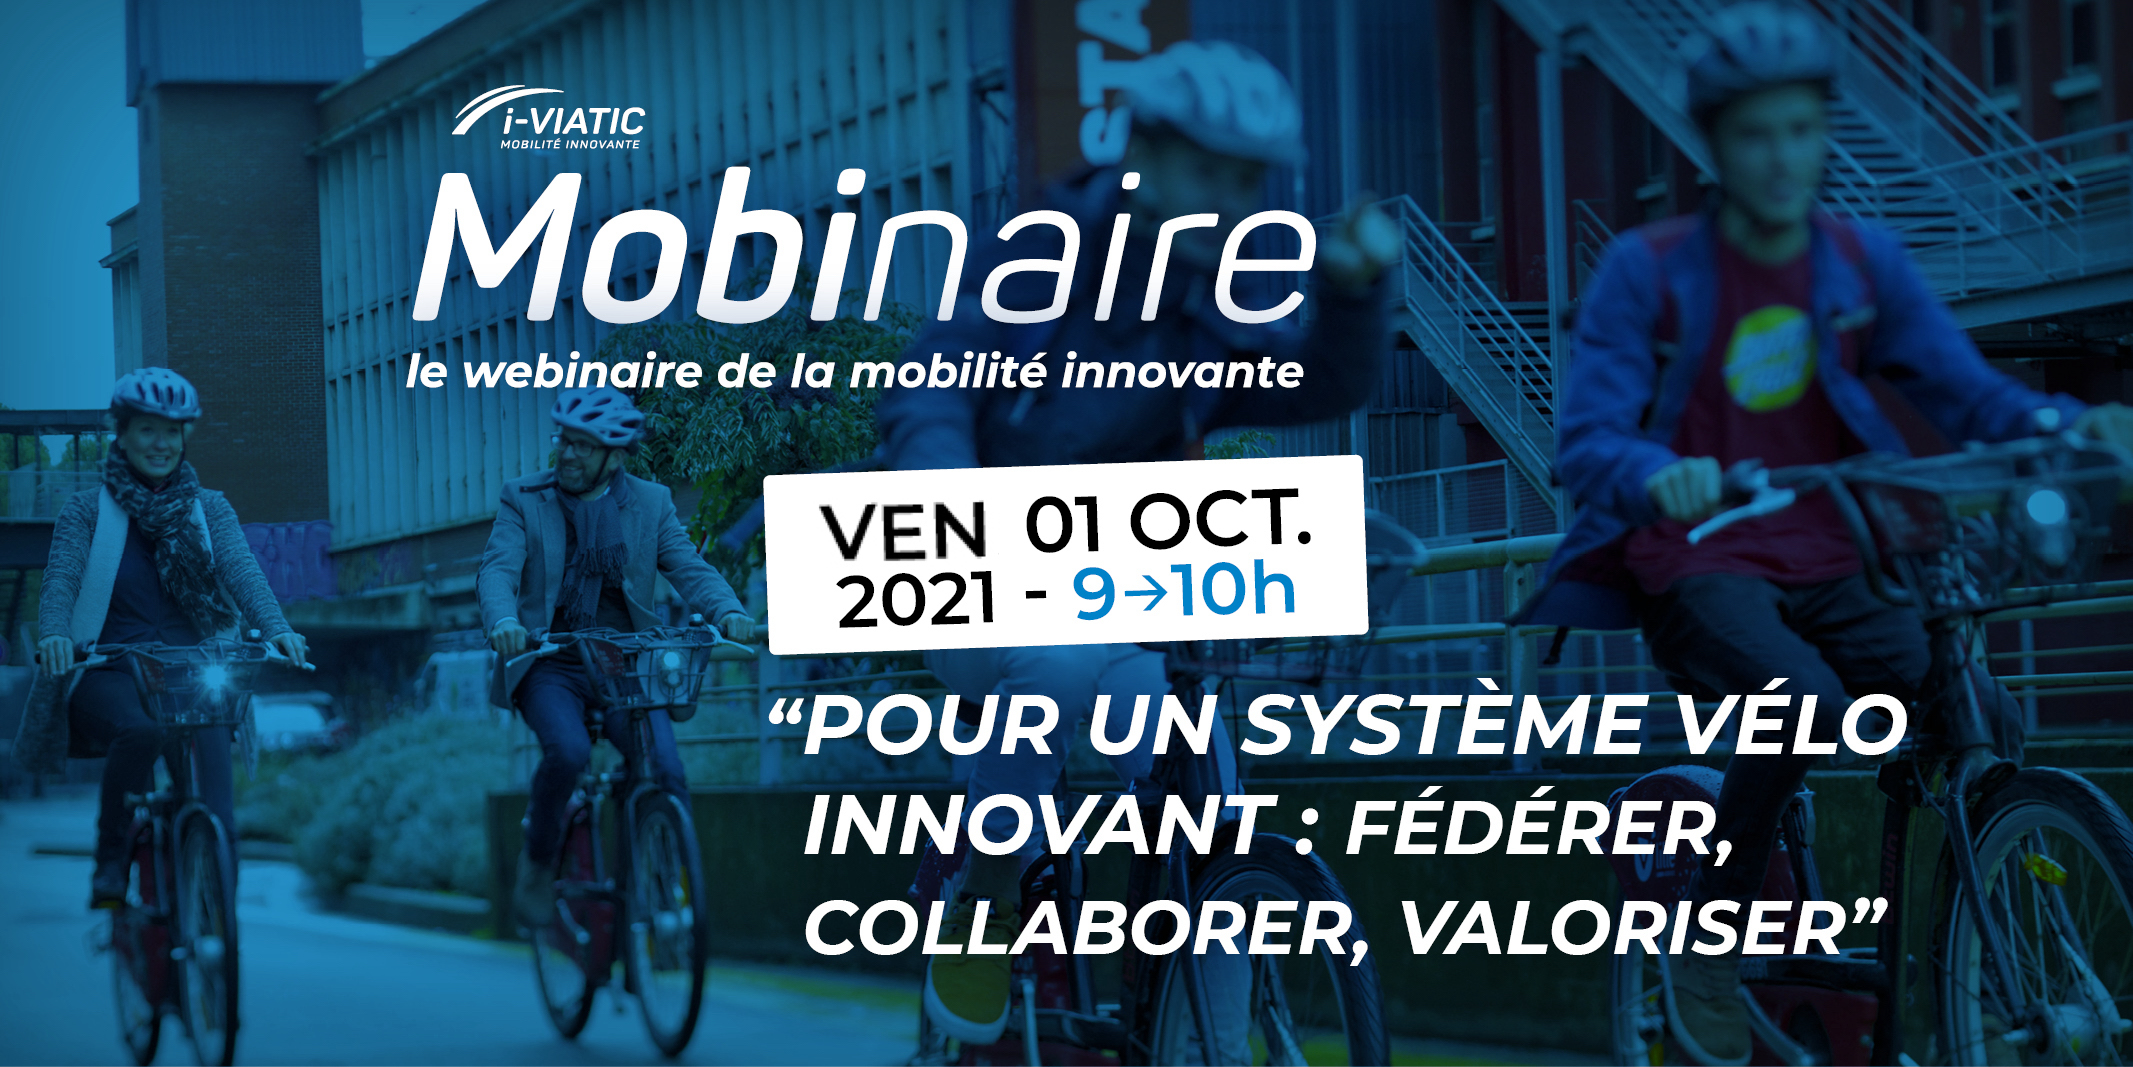 Mobinaire #02 – Pour un système vélo innovant